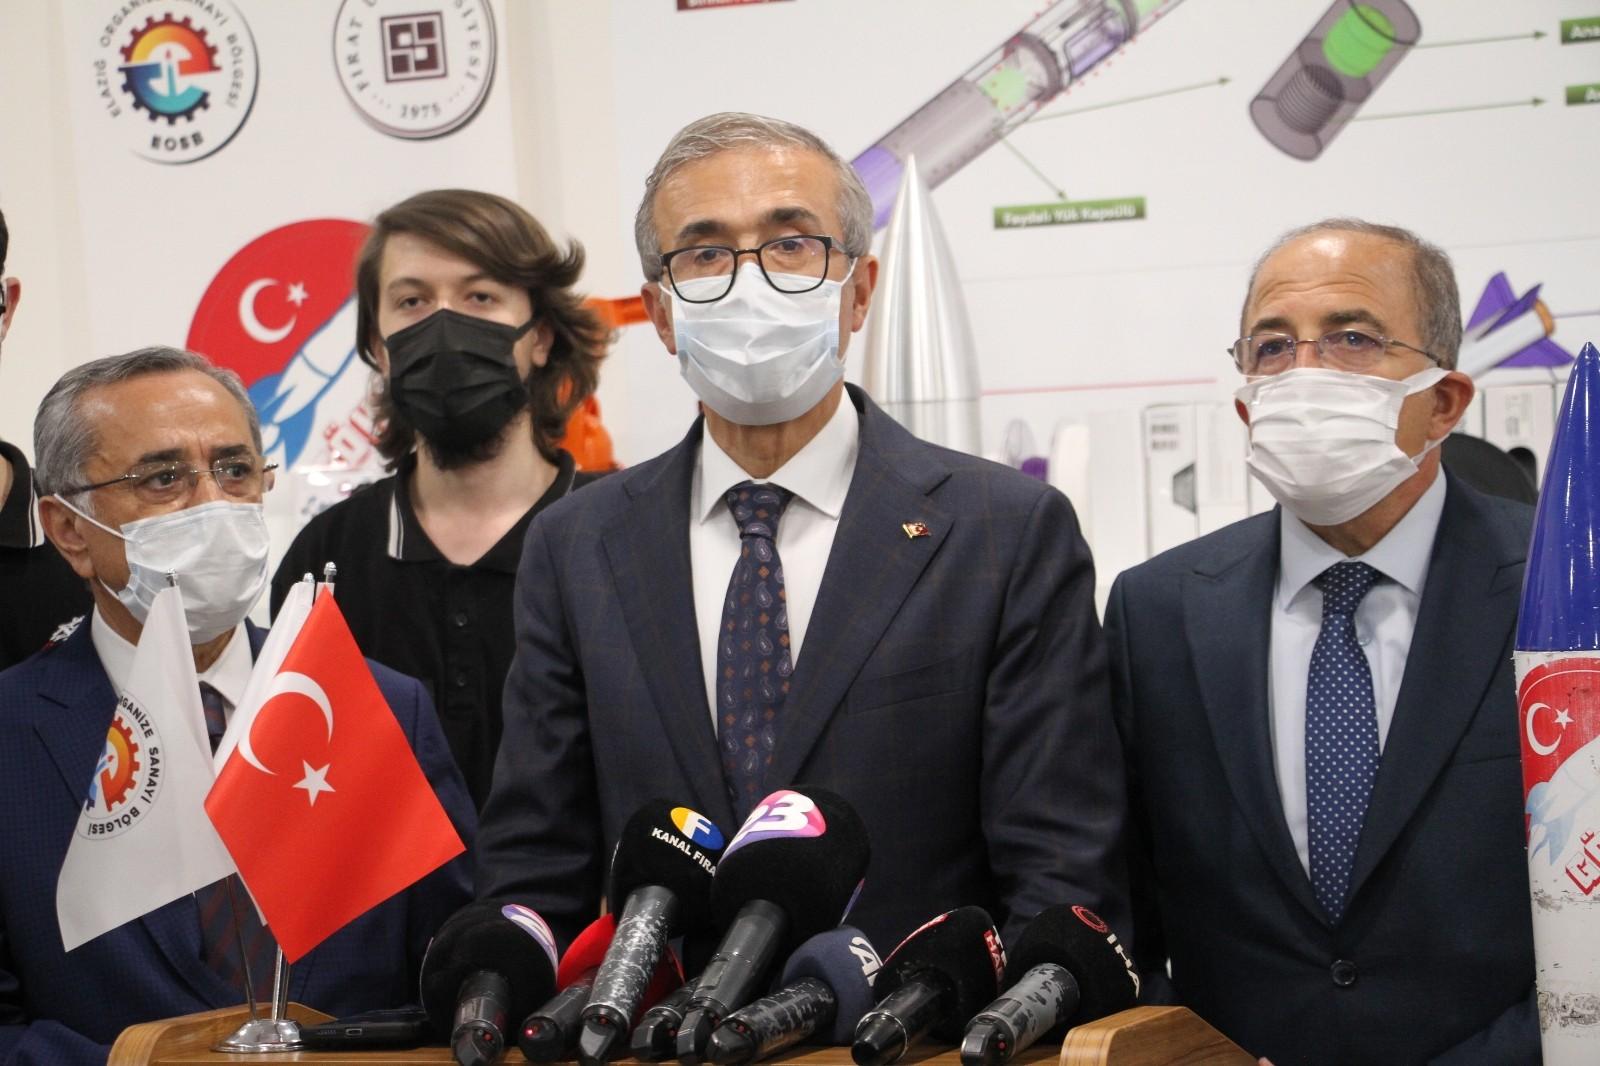 Savunma Sanayii Başkanı Demir: ?Yarın önümüzün kesilmesi ihtimali olan  ürünlerin hepsinde yüzde yüz yerlilik diyoruz? - Elazığ Haberleri